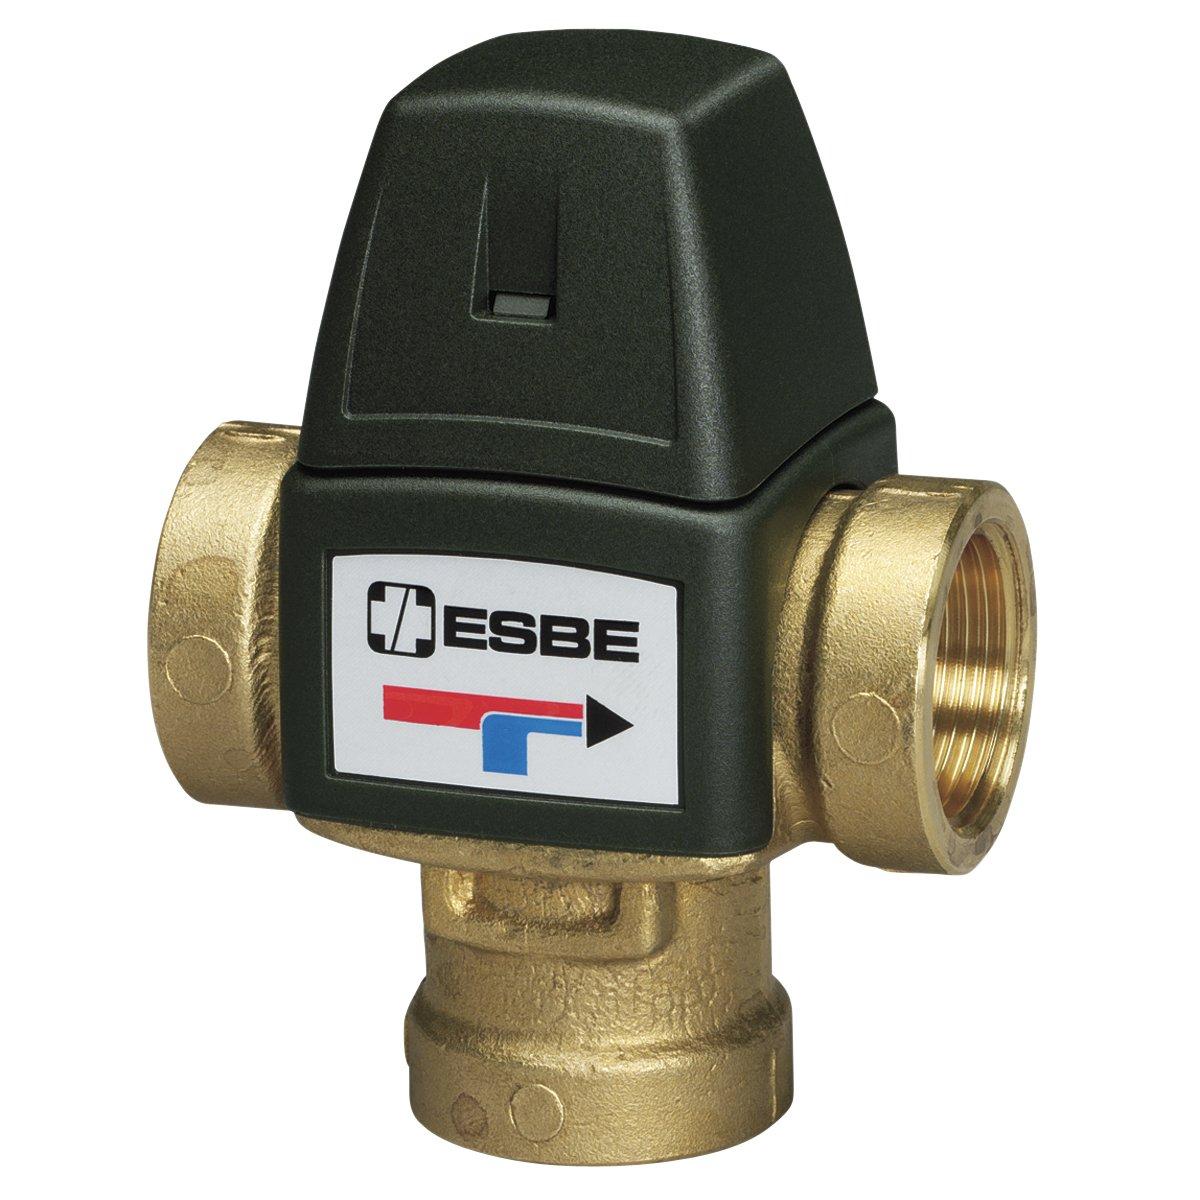 Esbe; Válvula mezcladora termostática para calefacción y ACS, serie VTA 320 (más opciones click: aquí) campo de regulación de 35 a 60ºC, con roscas 1/2' hembra con roscas 1/2 hembra